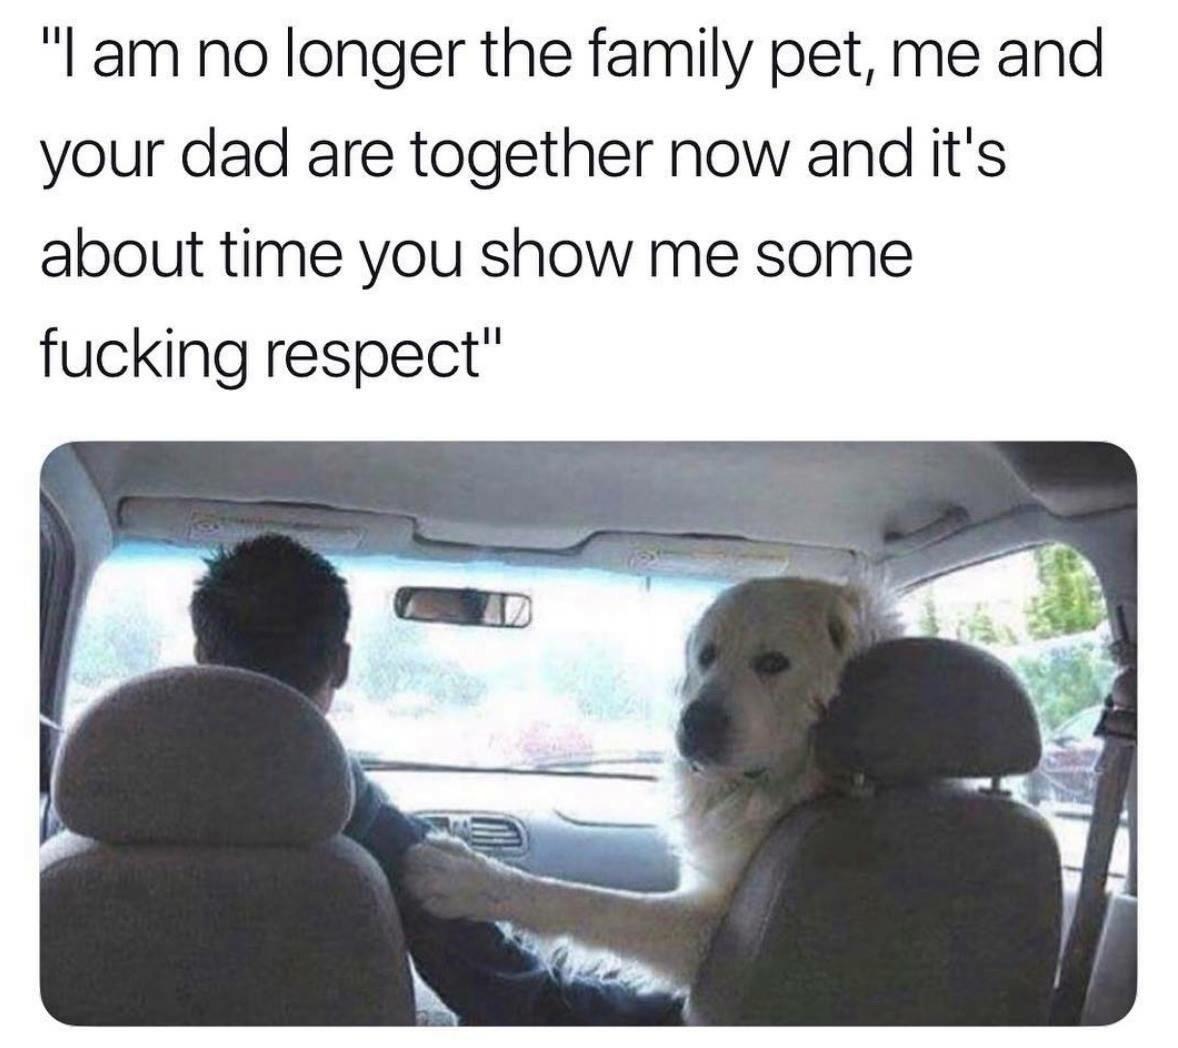 Don't Make Me Make Him Turn This Car Around